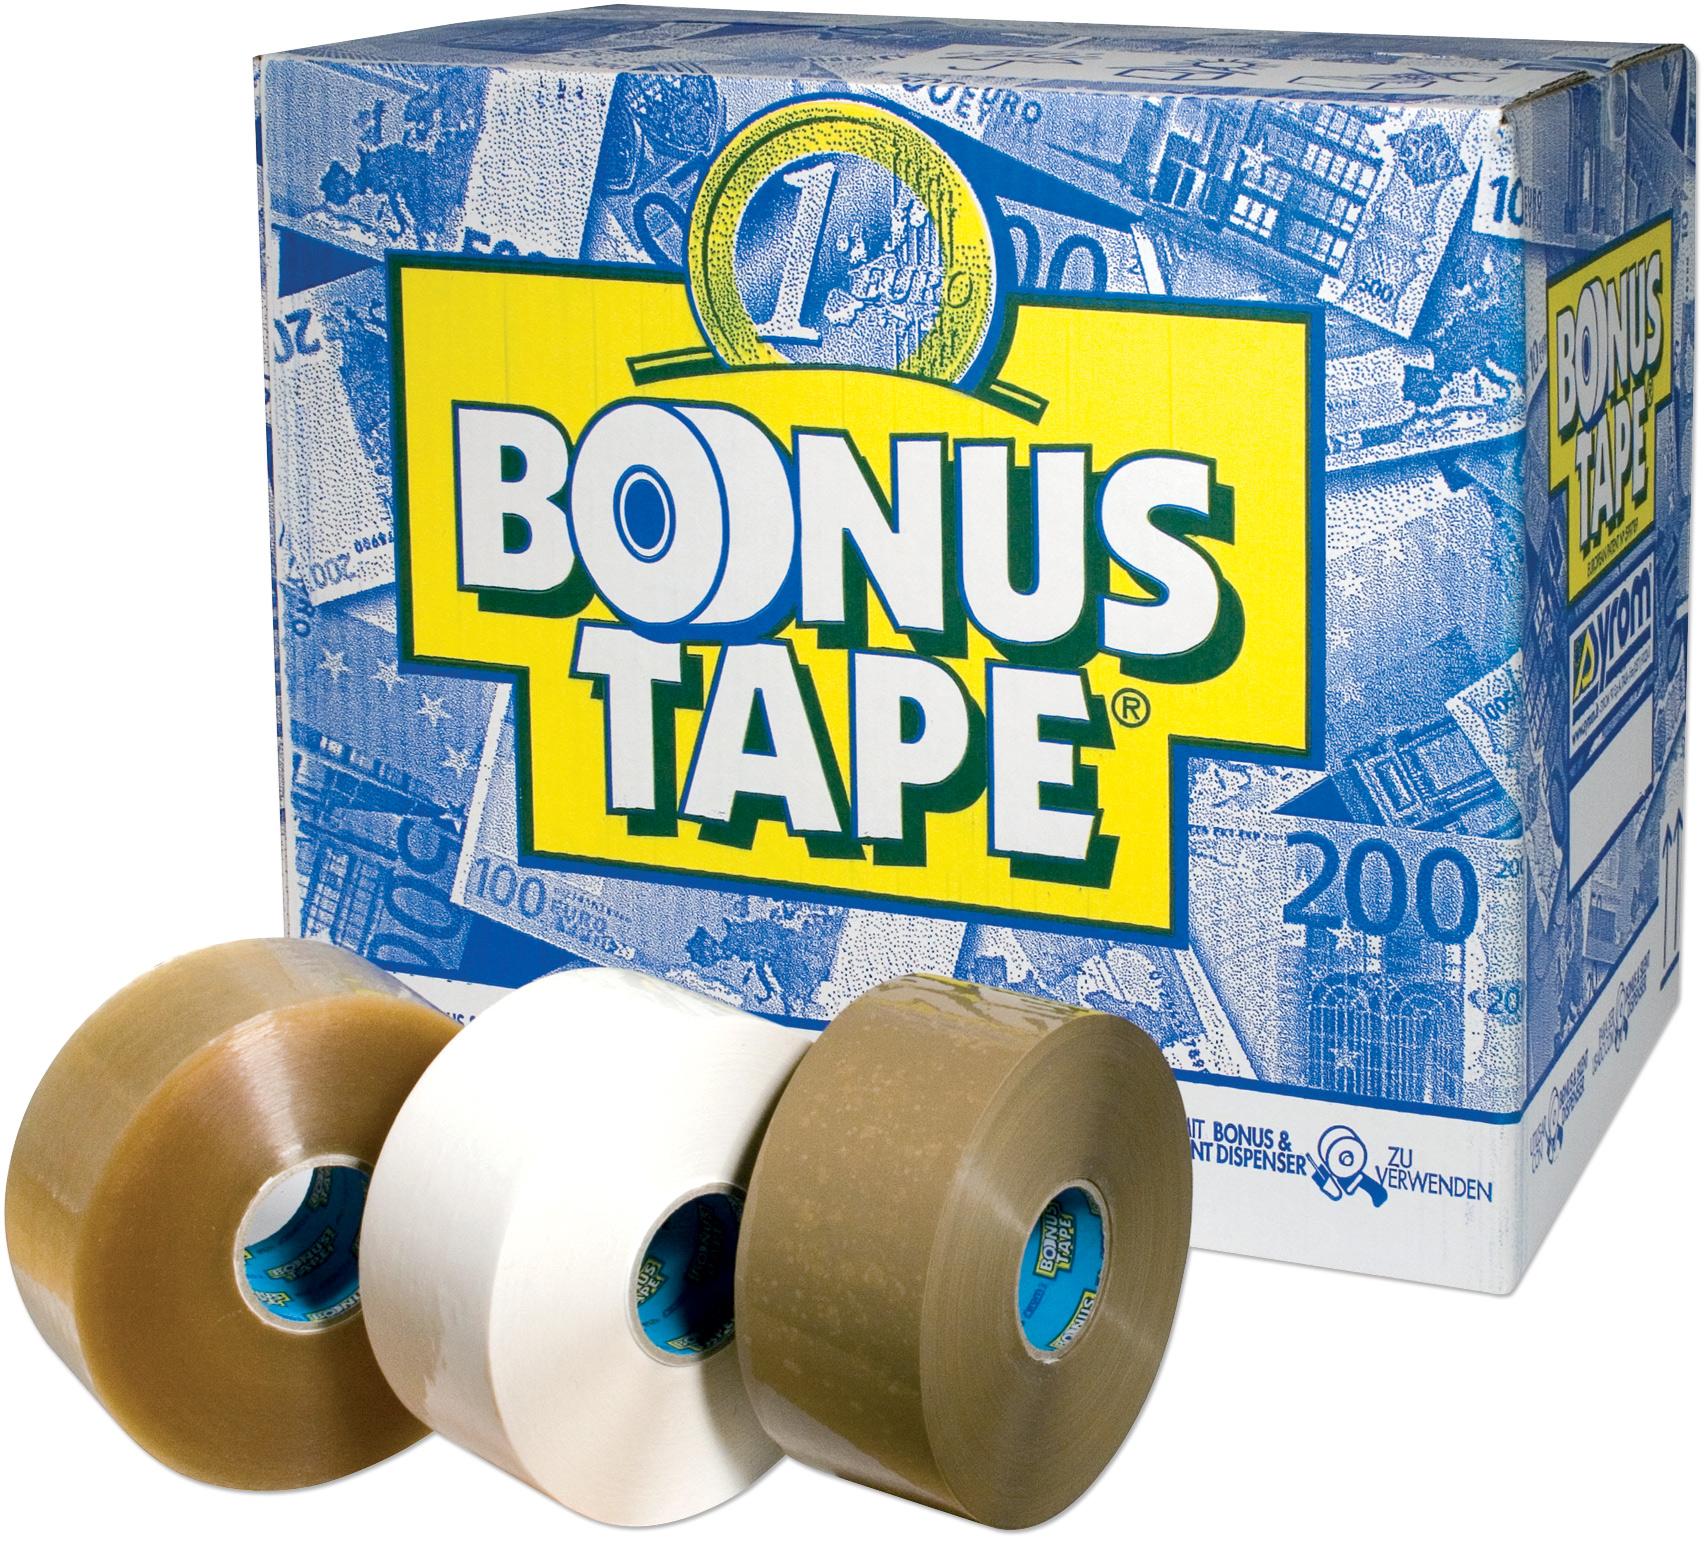 Syrom BONUS tape